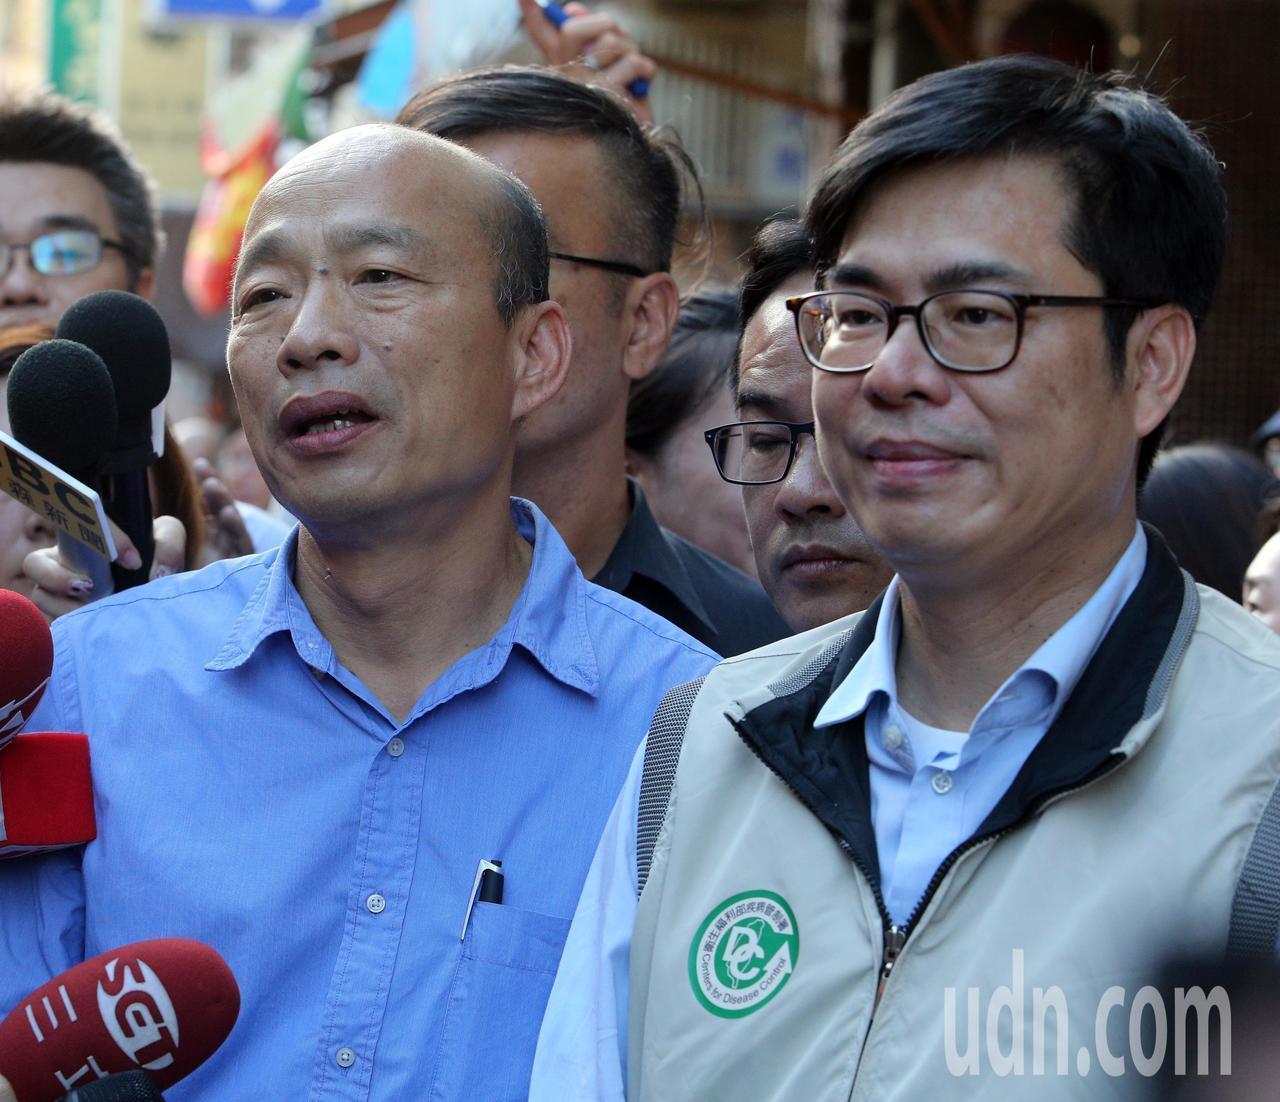 高雄市長韓國瑜(左)與行政院副院長陳其邁(右)在獅湖市場視察登革熱防治狀況。記者...